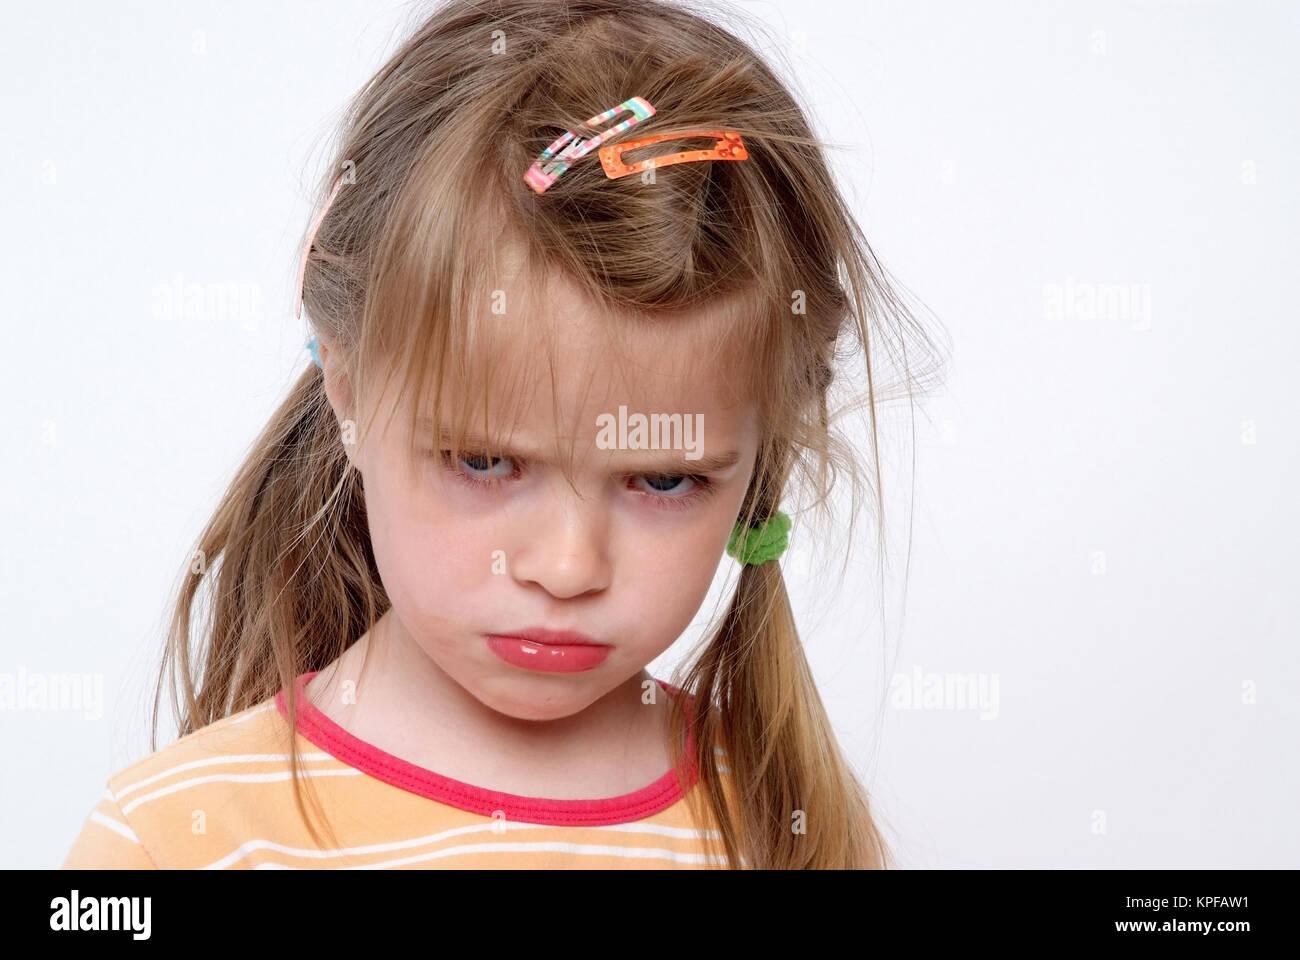 Kleines Maedchen, 3 Jahre - little girl, three years old Stock Photo